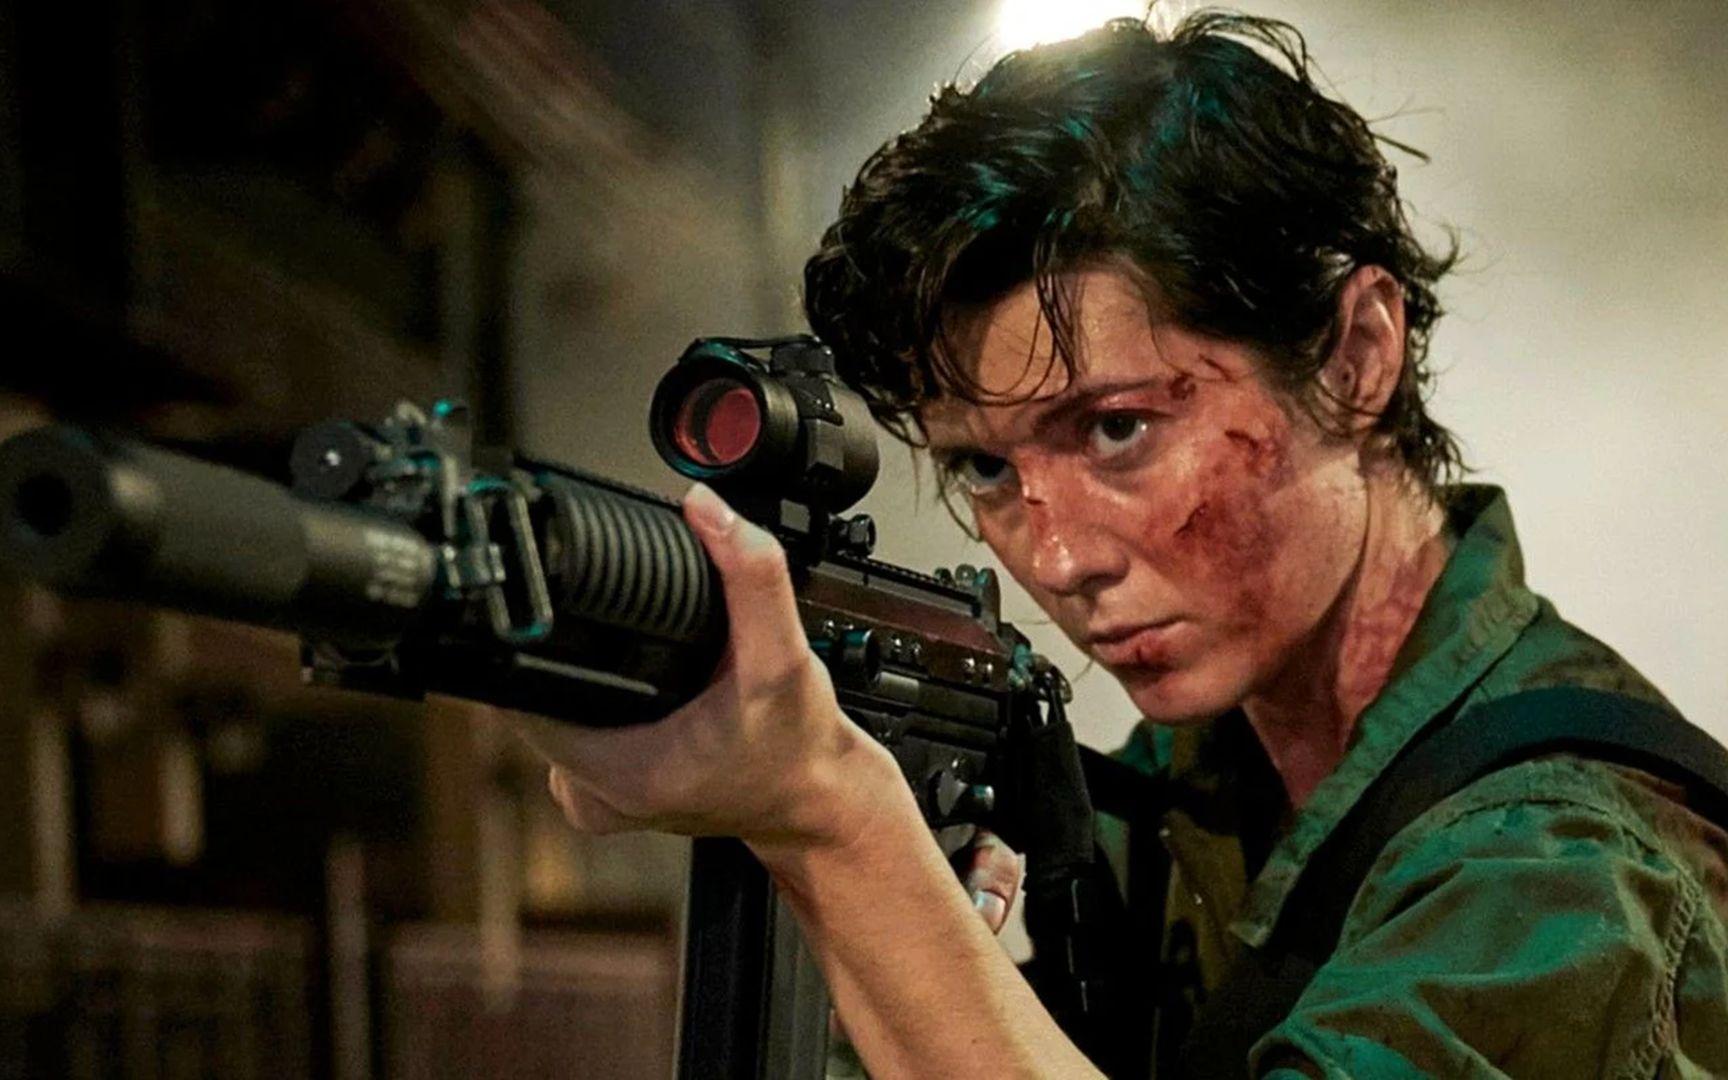 11分钟看完2021最新高燃动作电影《凯特》,《疾速追杀》动作指导